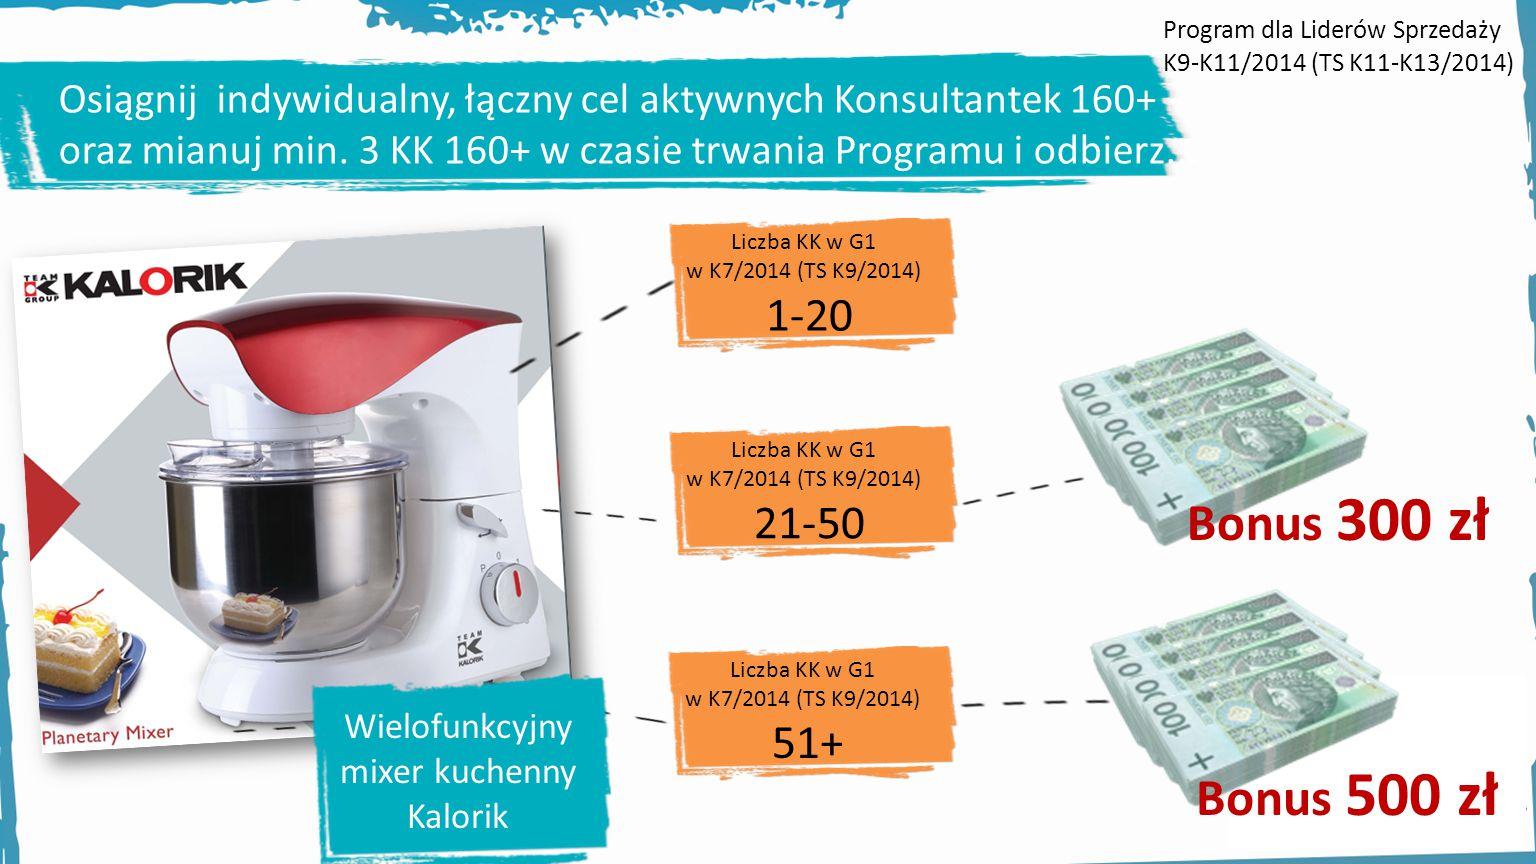 Osiągnij indywidualny, łączny cel aktywnych Konsultantek 160+ oraz mianuj min. 3 KK 160+ w czasie trwania Programu i odbierz... Liczba KK w G1 w K7/20